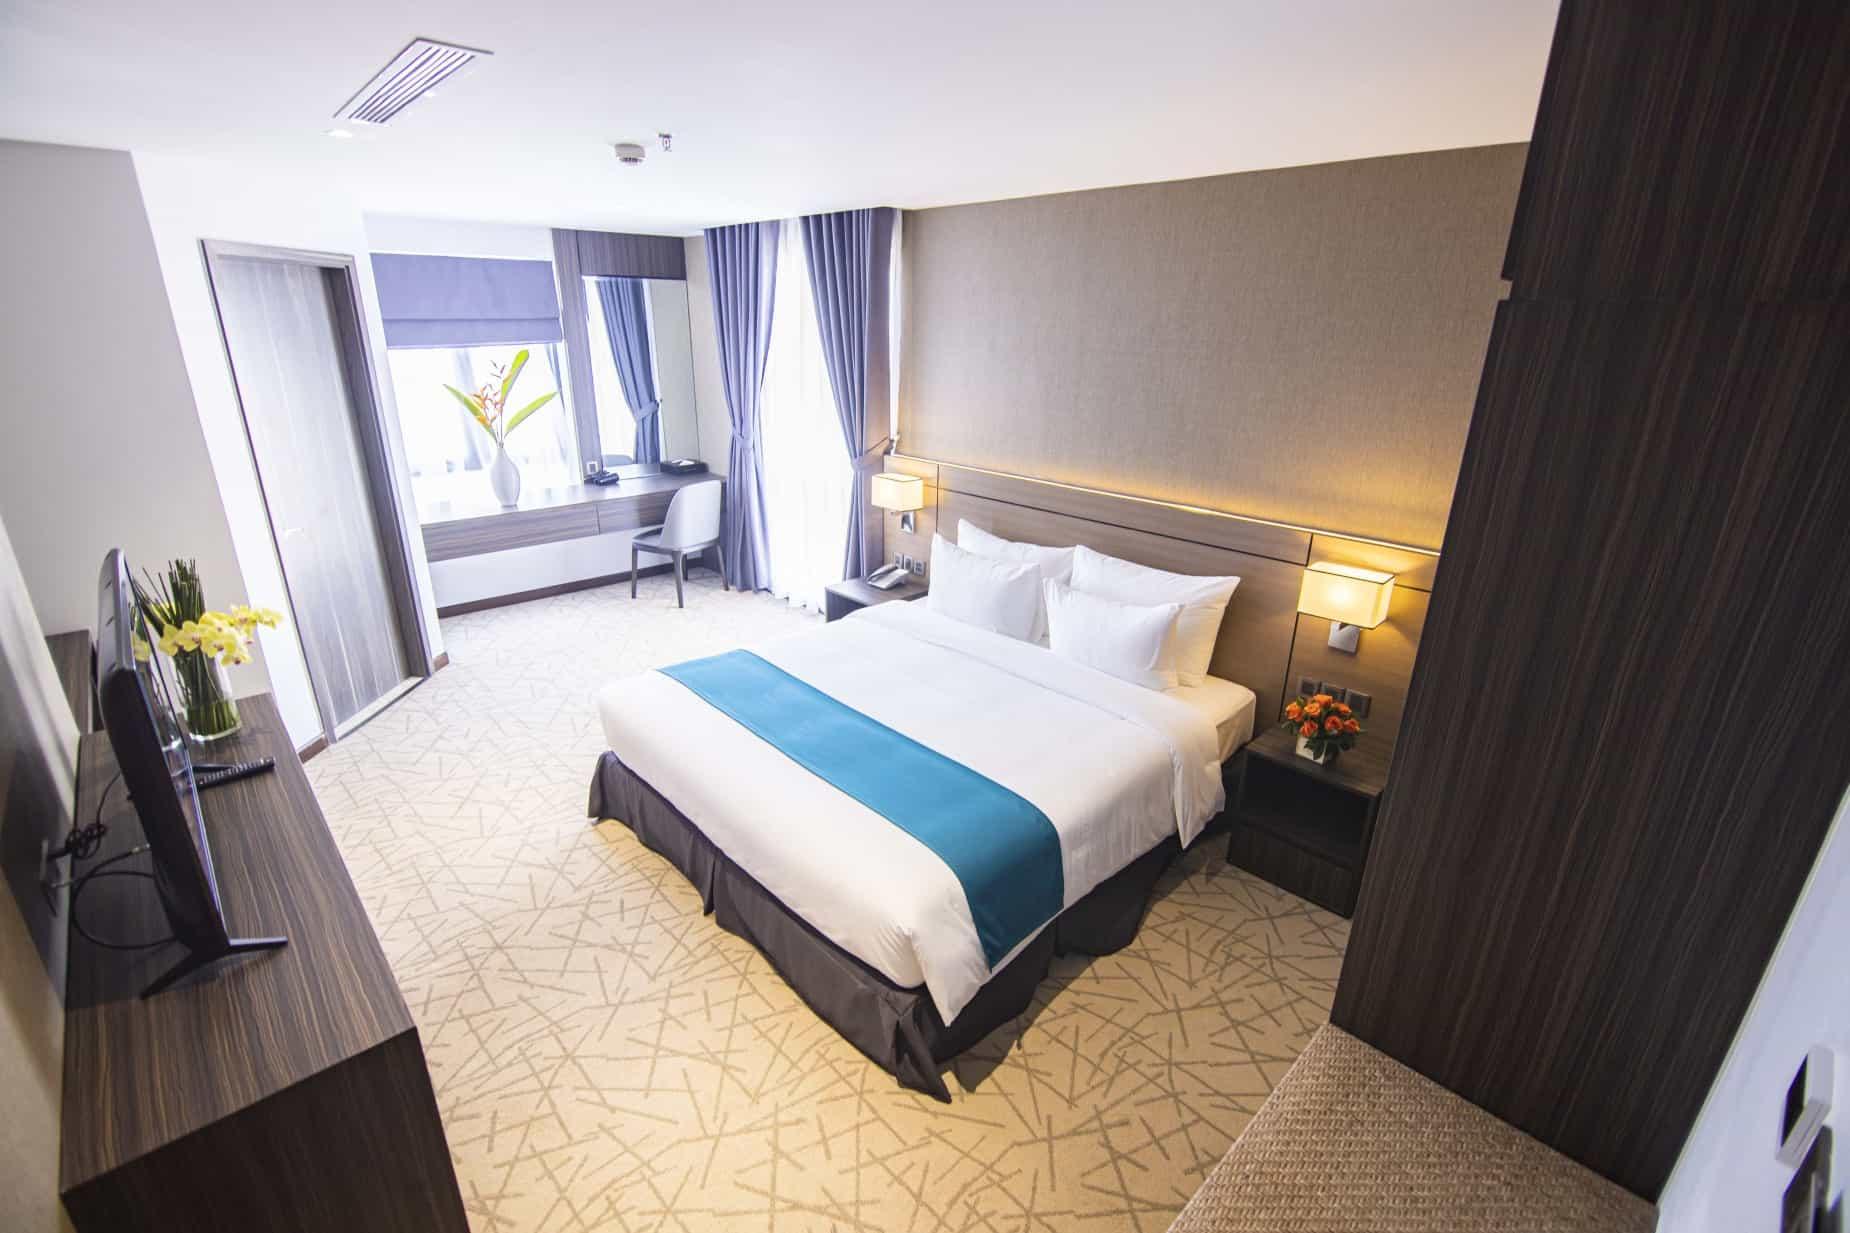 Phòng Deluxe với không gian rộng rãi, thoải mái